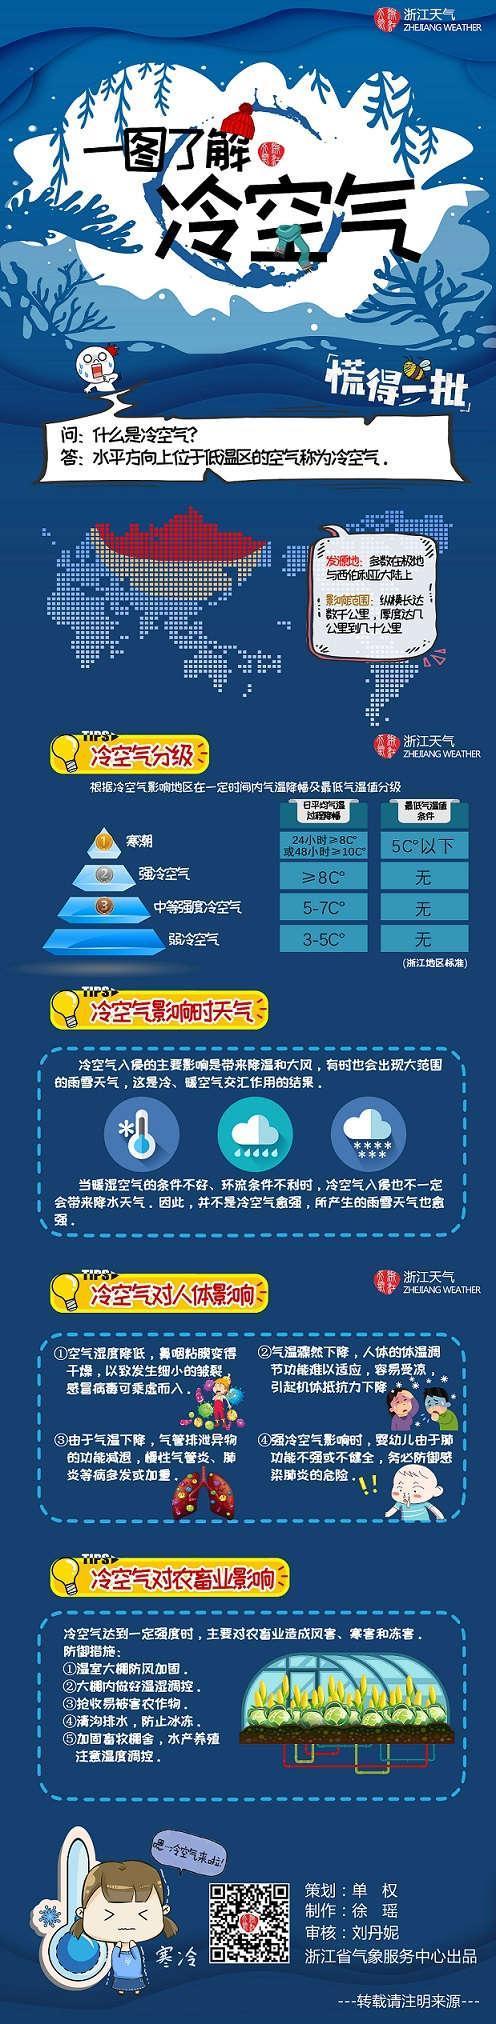 一图了解冷空气.jpg